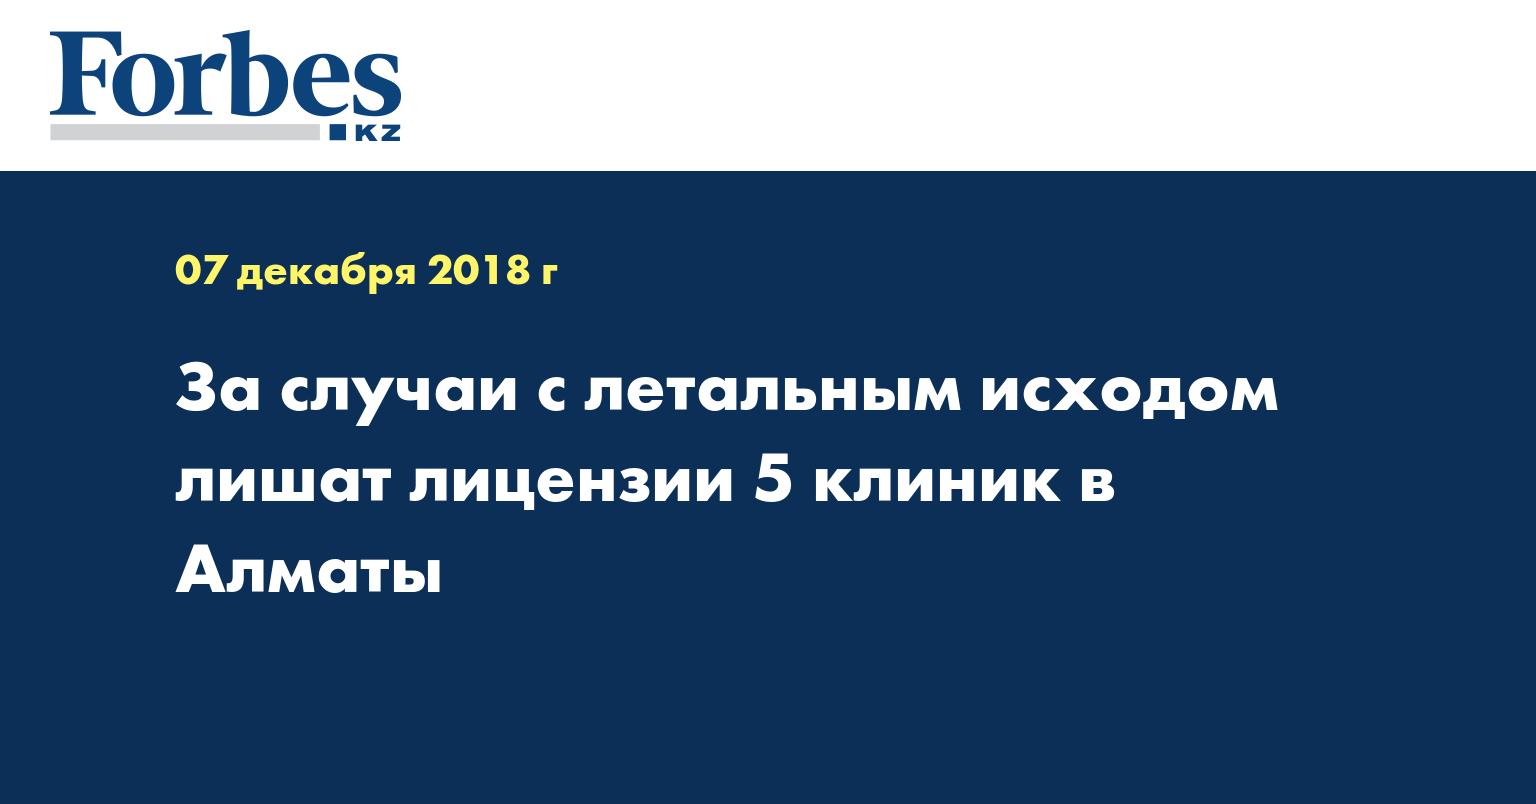 За случаи с летальным исходом лишат лицензии 5 клиник в Алматы